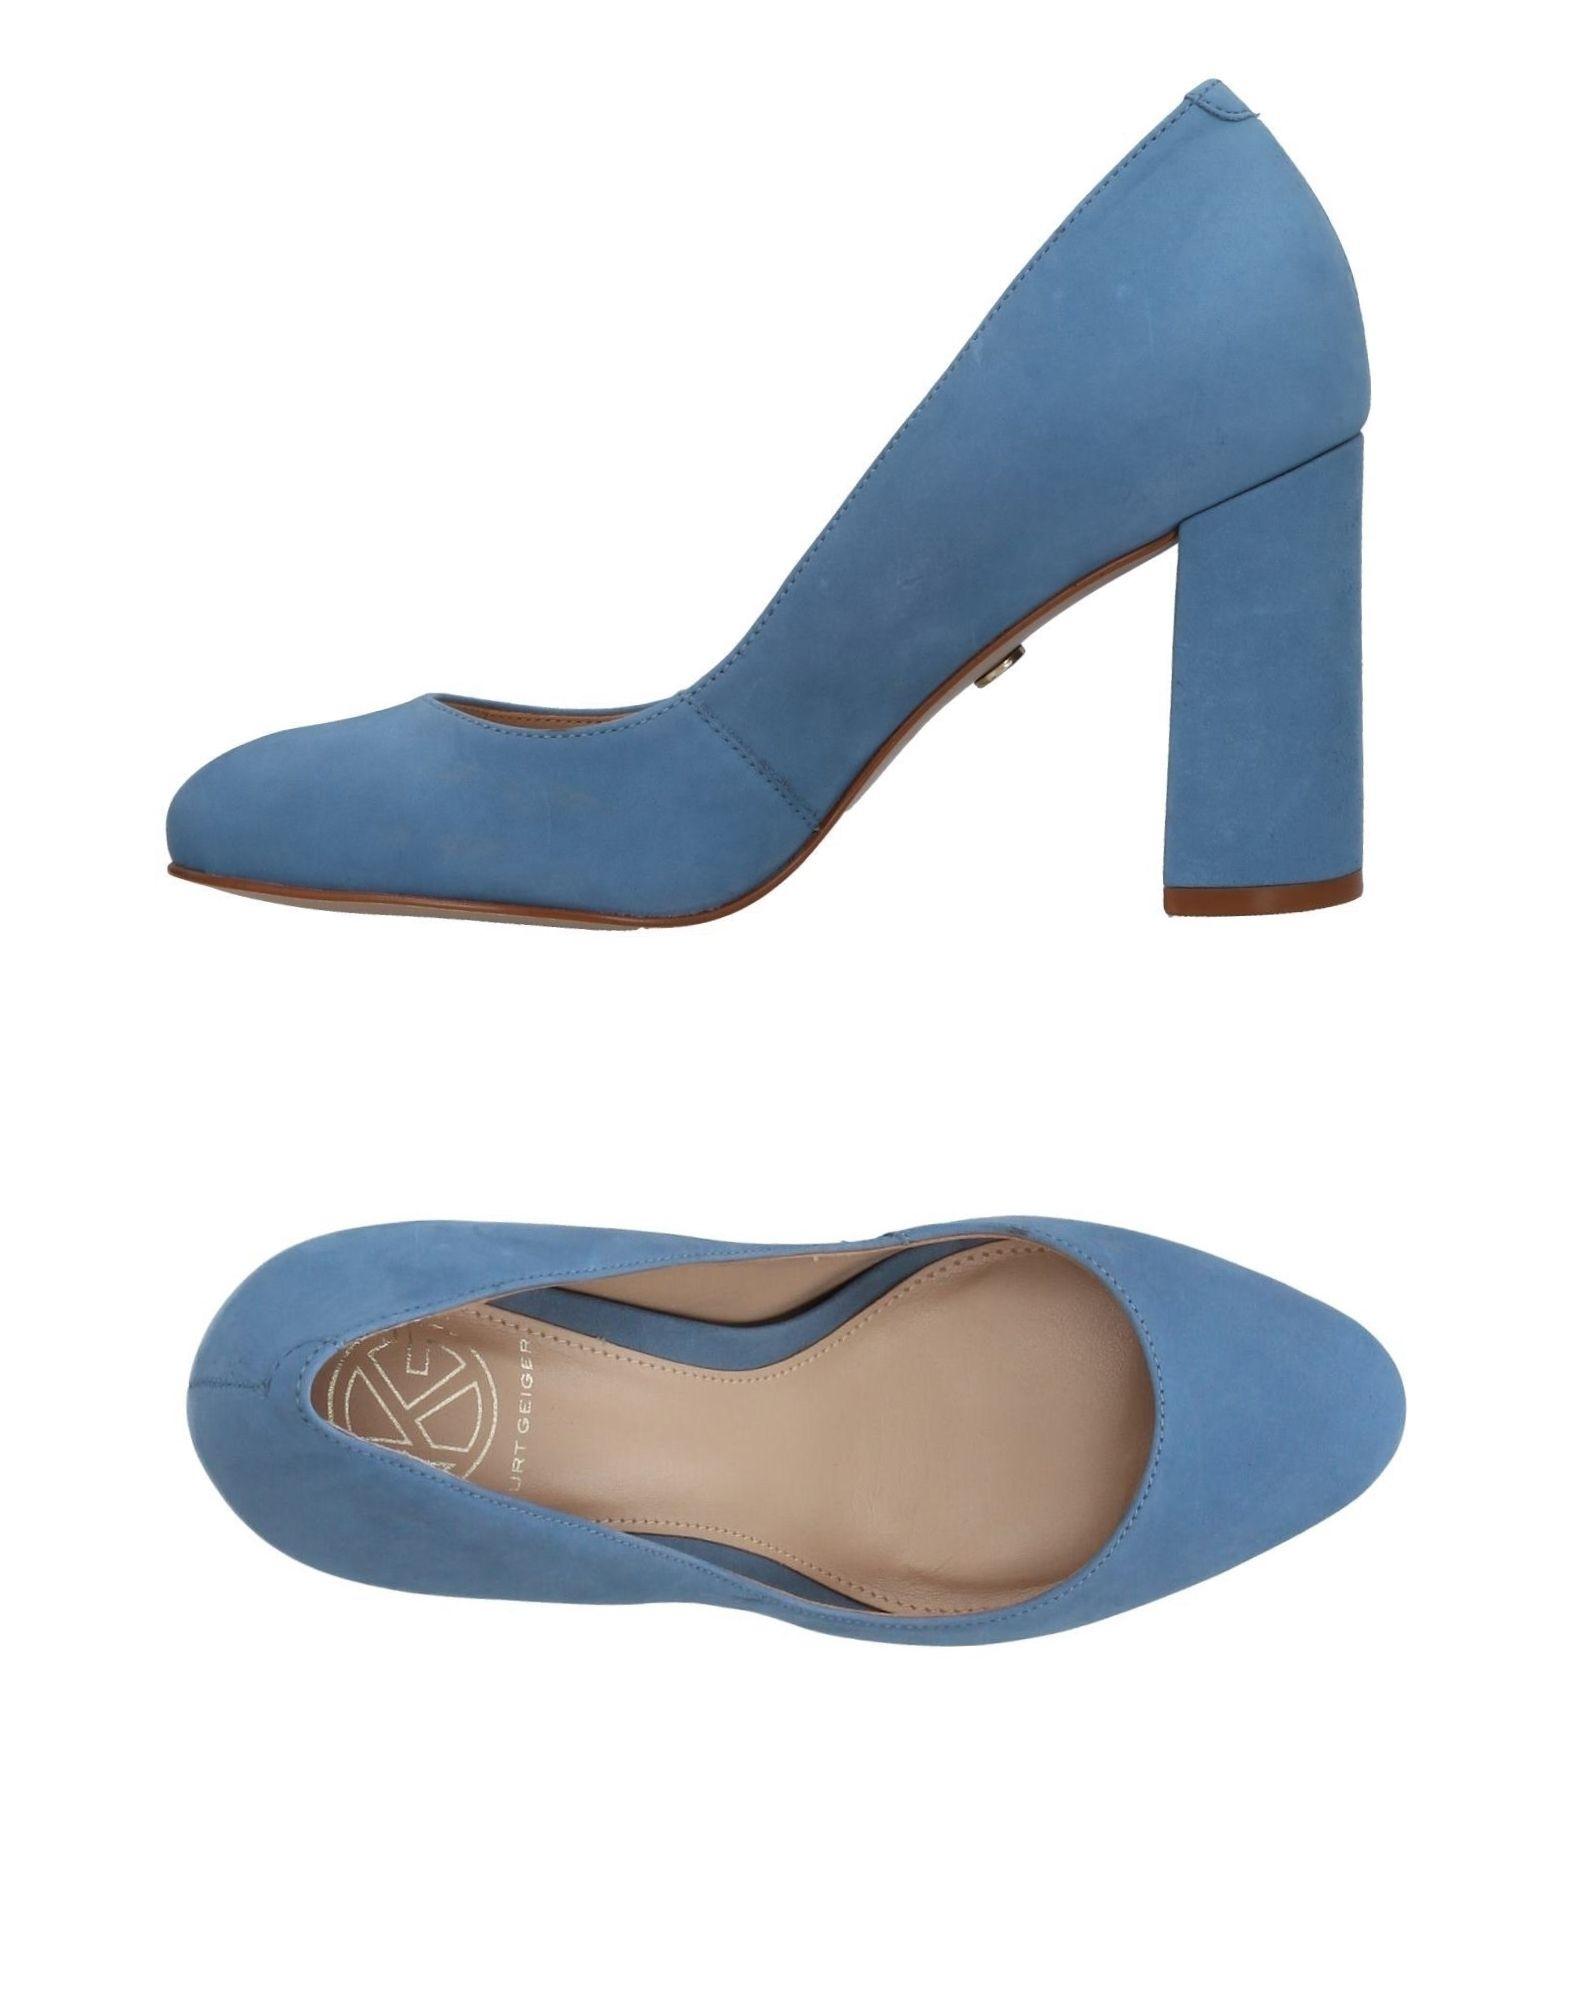 Kg Kurt Geiger Pumps Damen  11391131XW Gute Qualität beliebte Schuhe